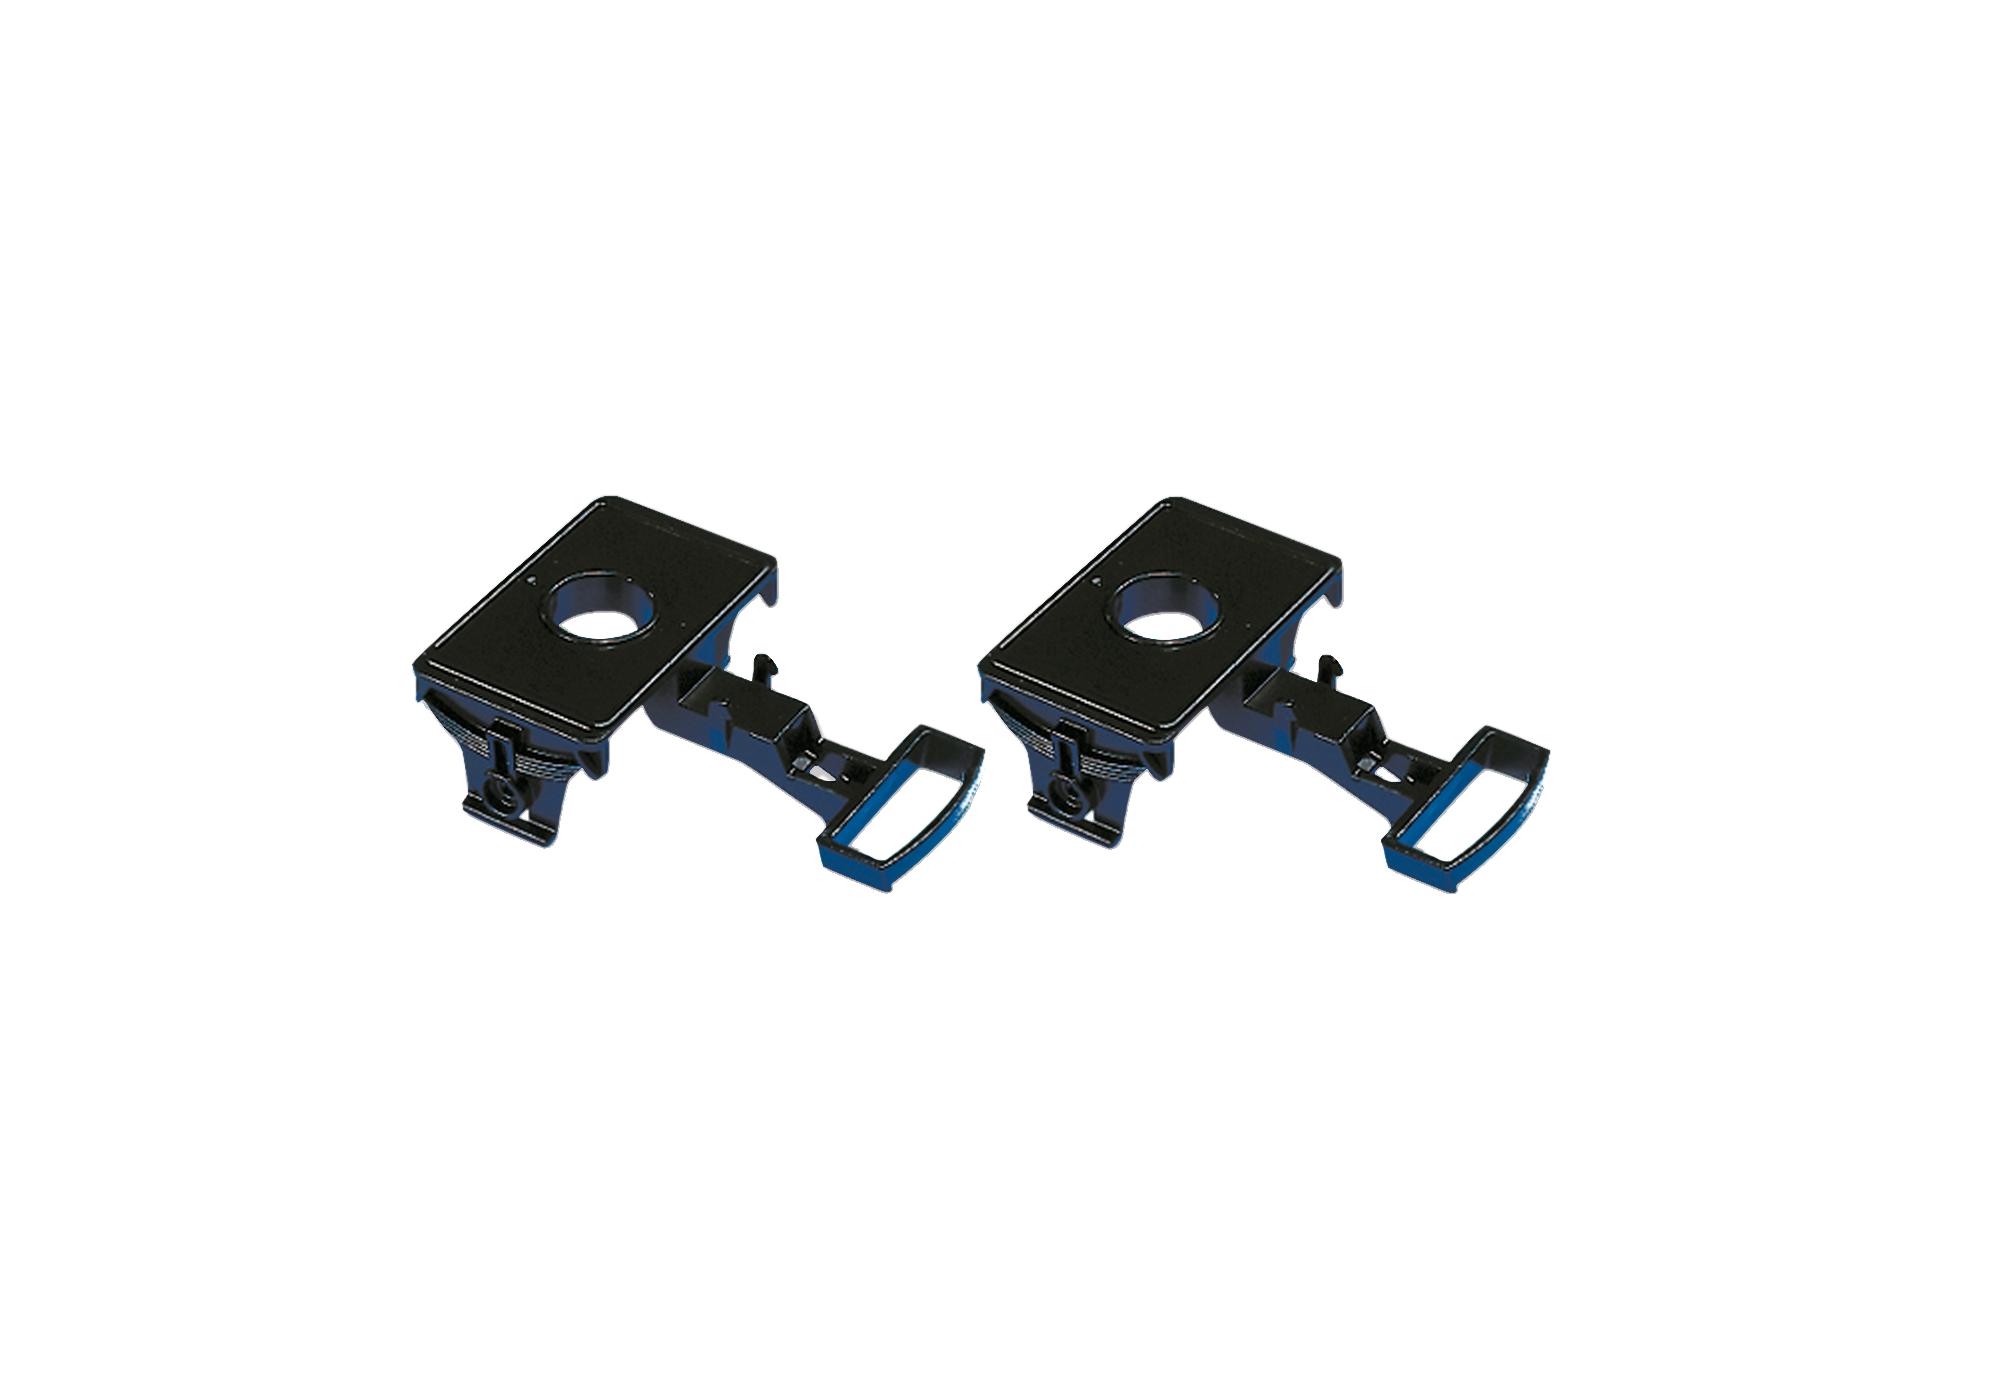 http://media.playmobil.com/i/playmobil/7561_product_detail/2 bases para ruedas